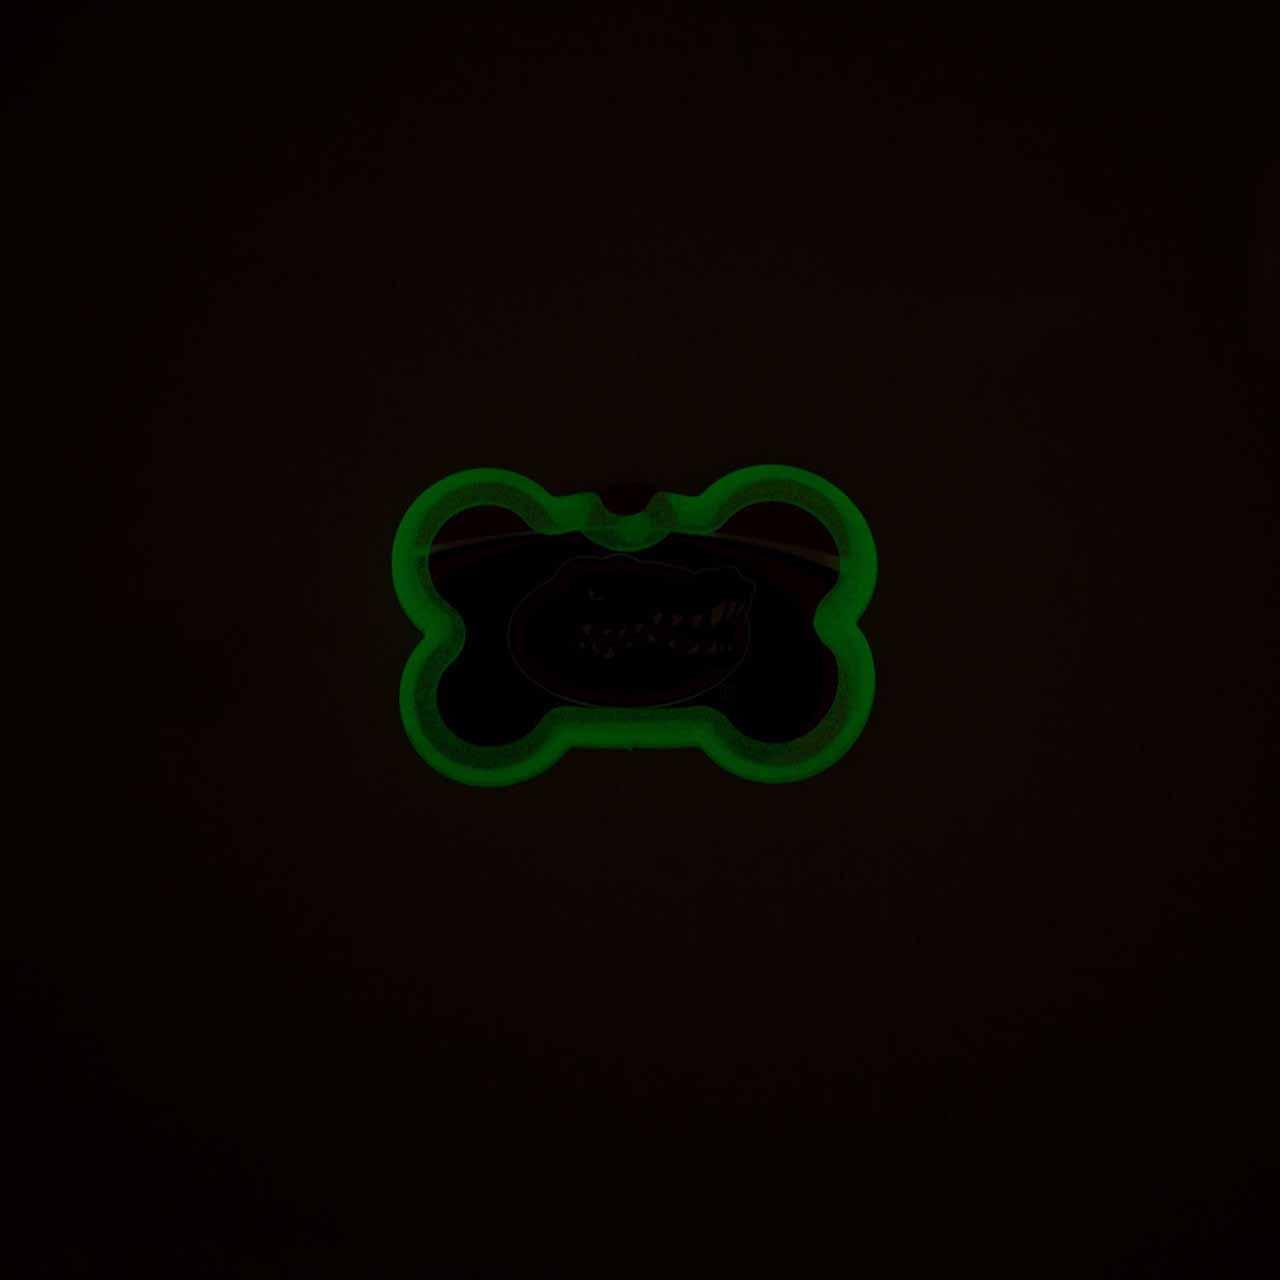 Glow in the Dark Pet Tag Silencer Bone in Dark